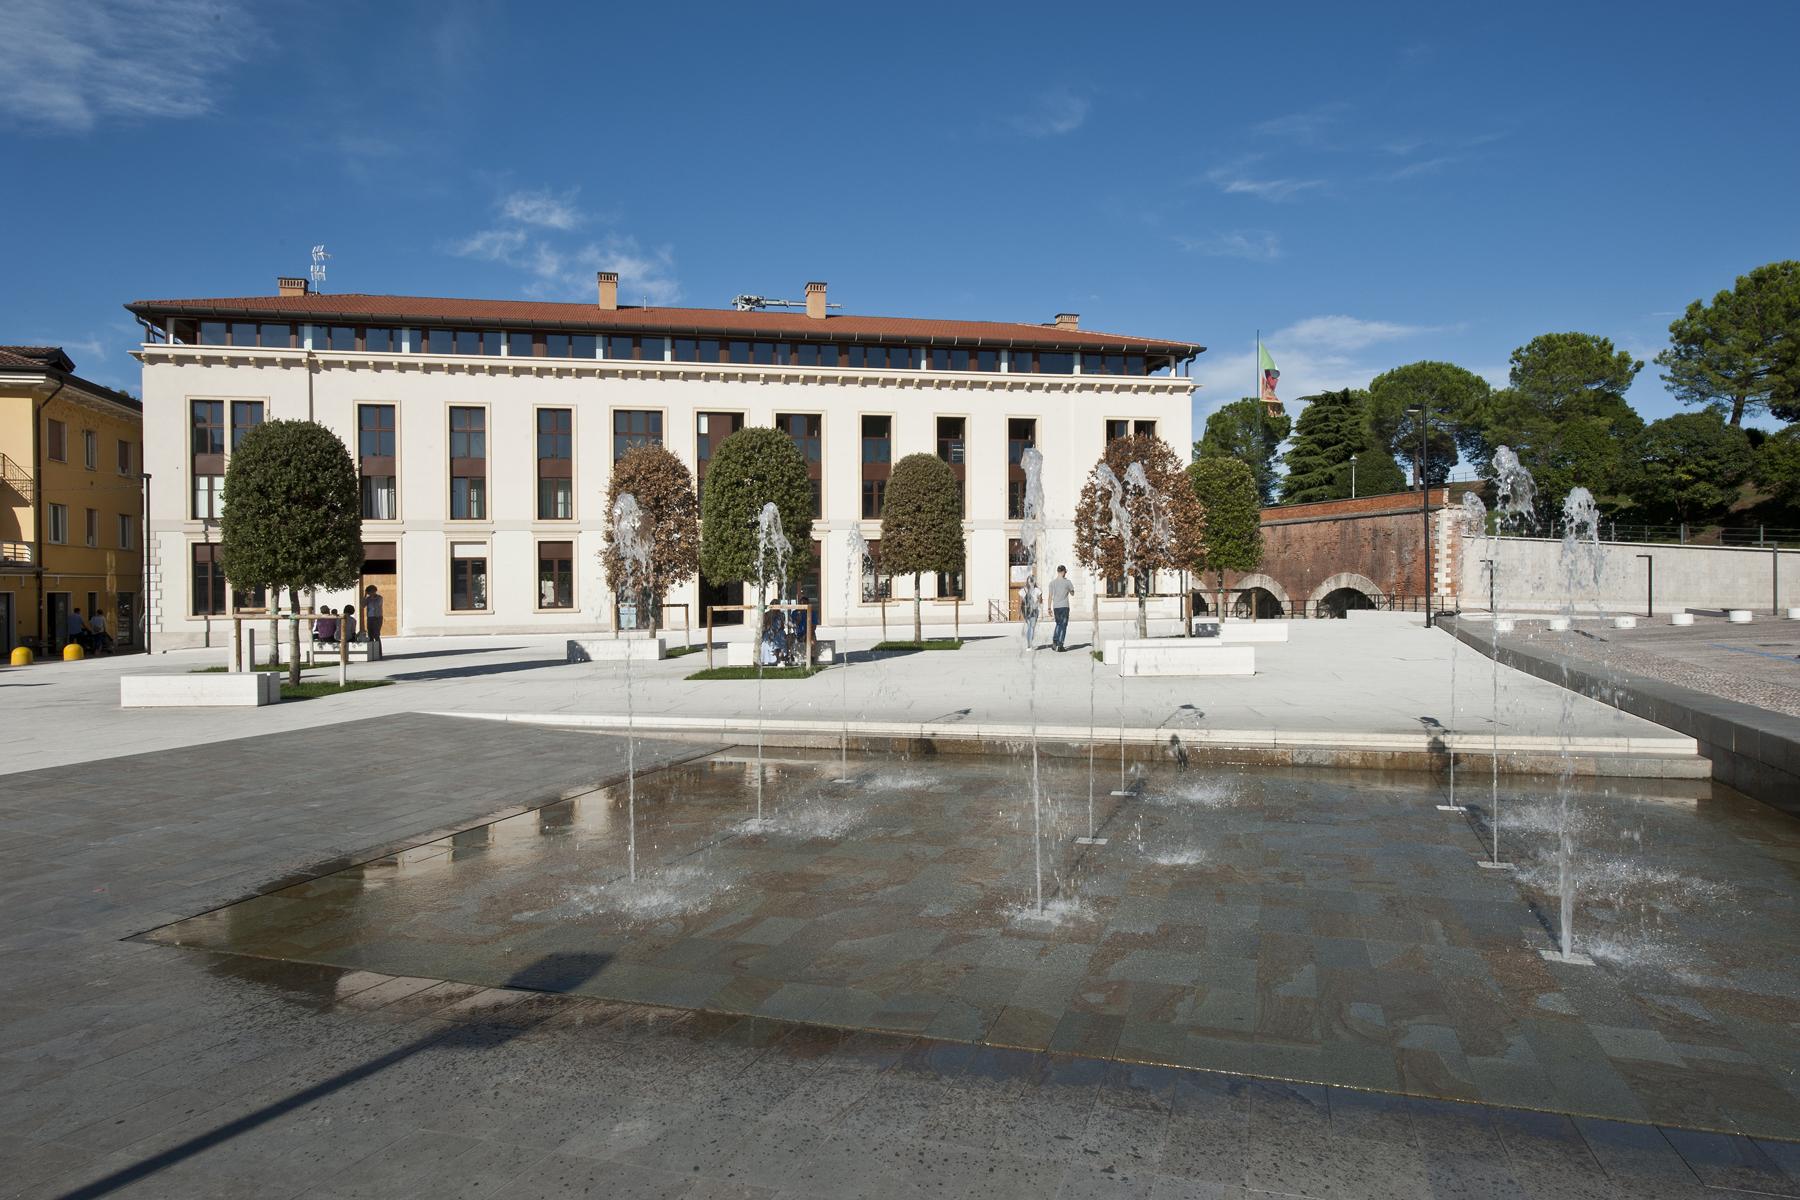 Attico in Vendita a Peschiera Del Garda piazza ferdinando di savoia